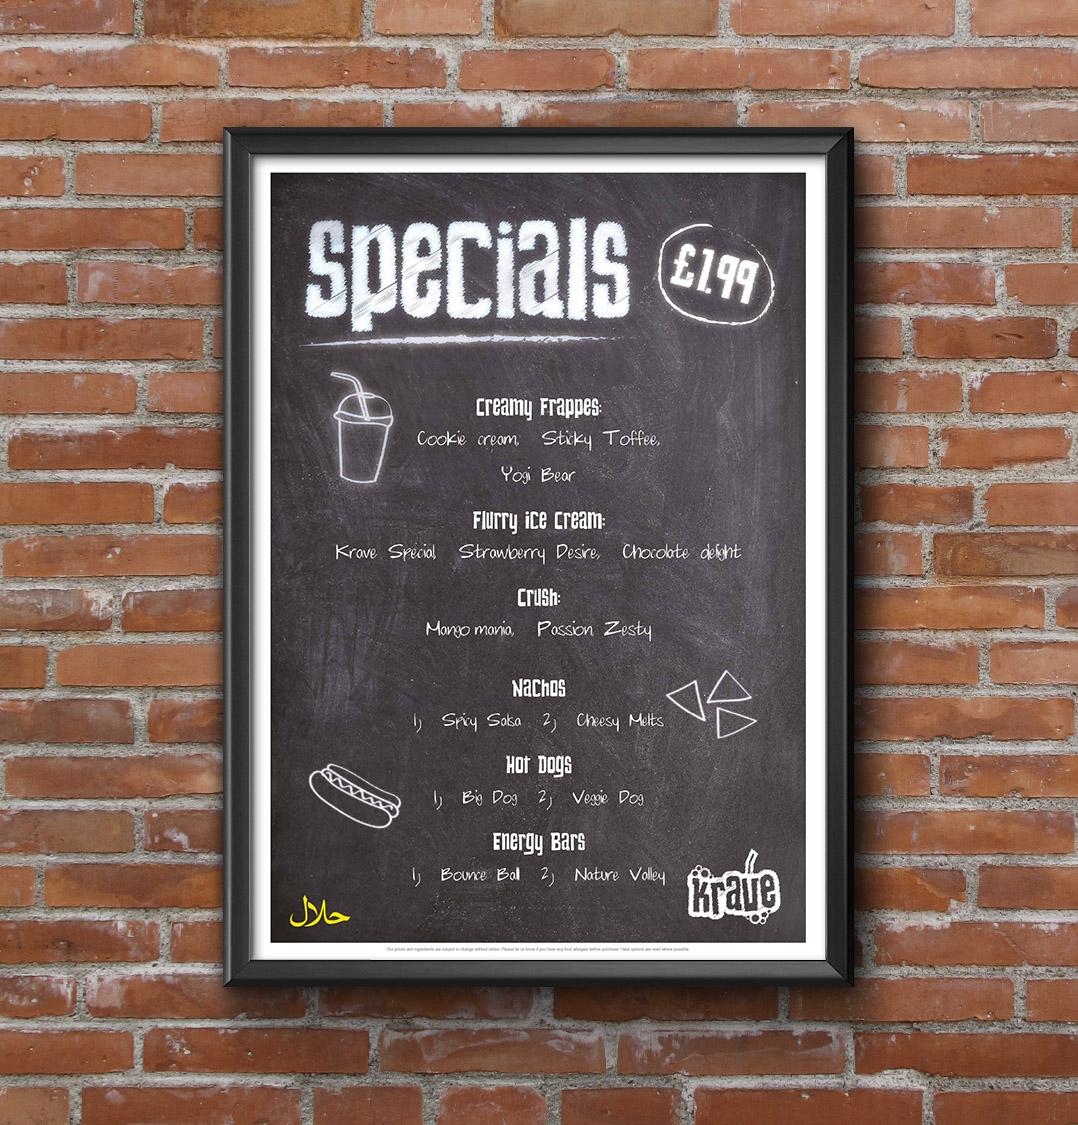 Krave poster design